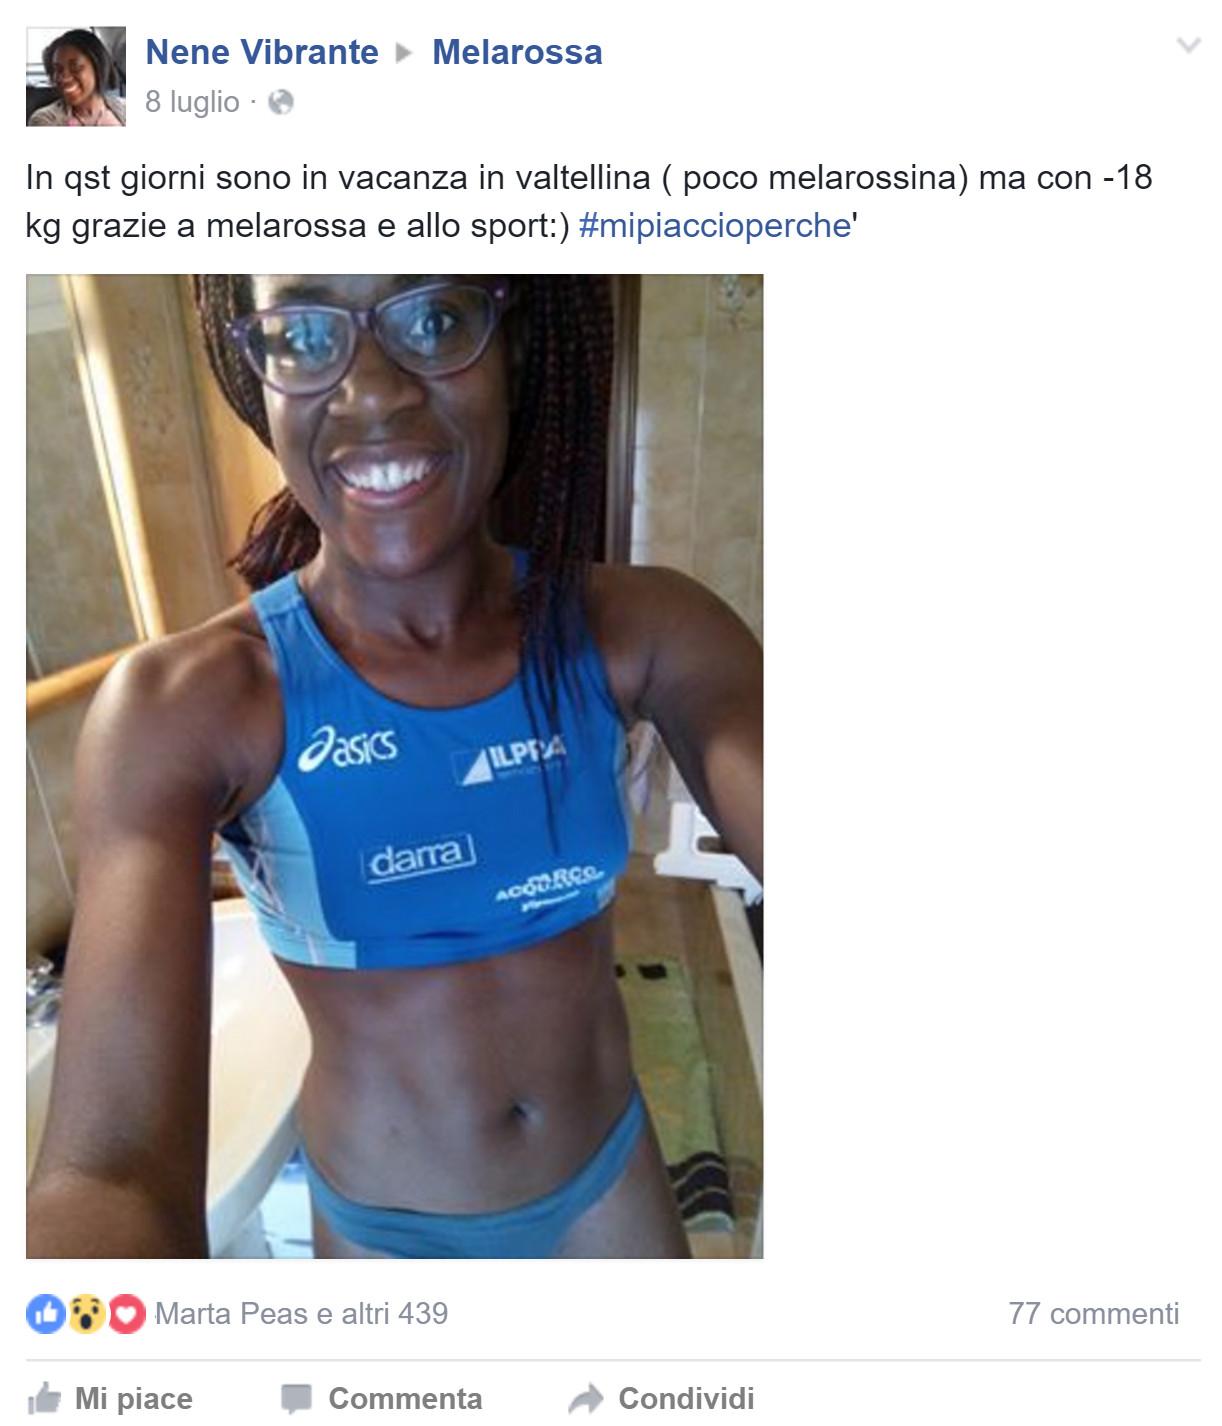 Nene è dimagrita 18 chili con la dieta Melarossa